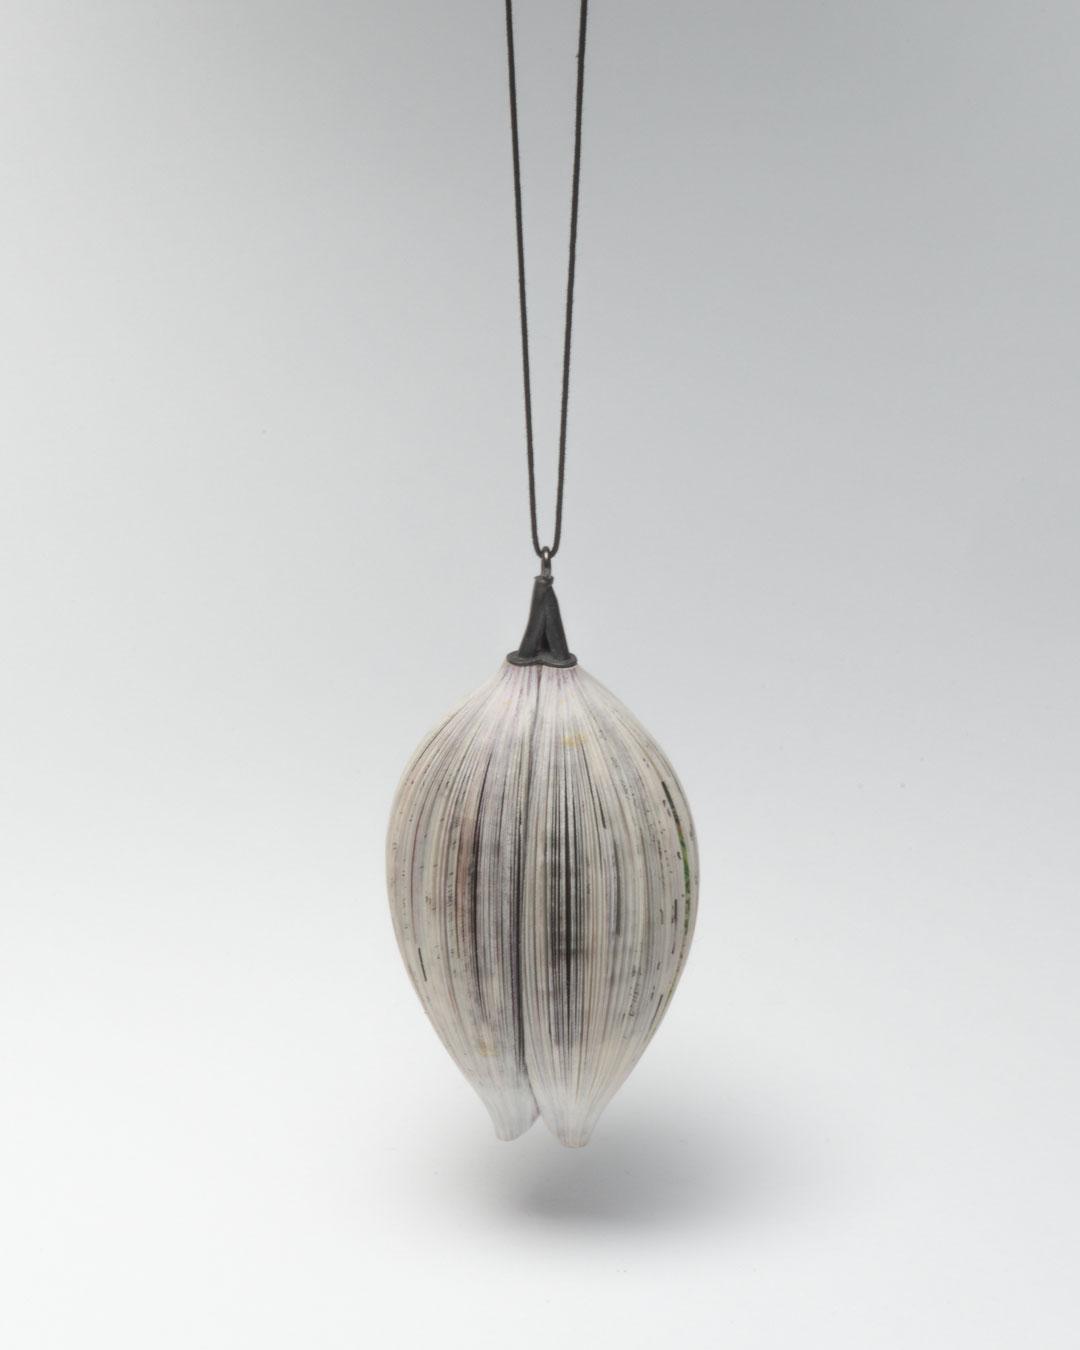 Michihiro Sato, Simultaneity, 2011, pendant; paper, silver, 115 x 55 x 55 mm, €850